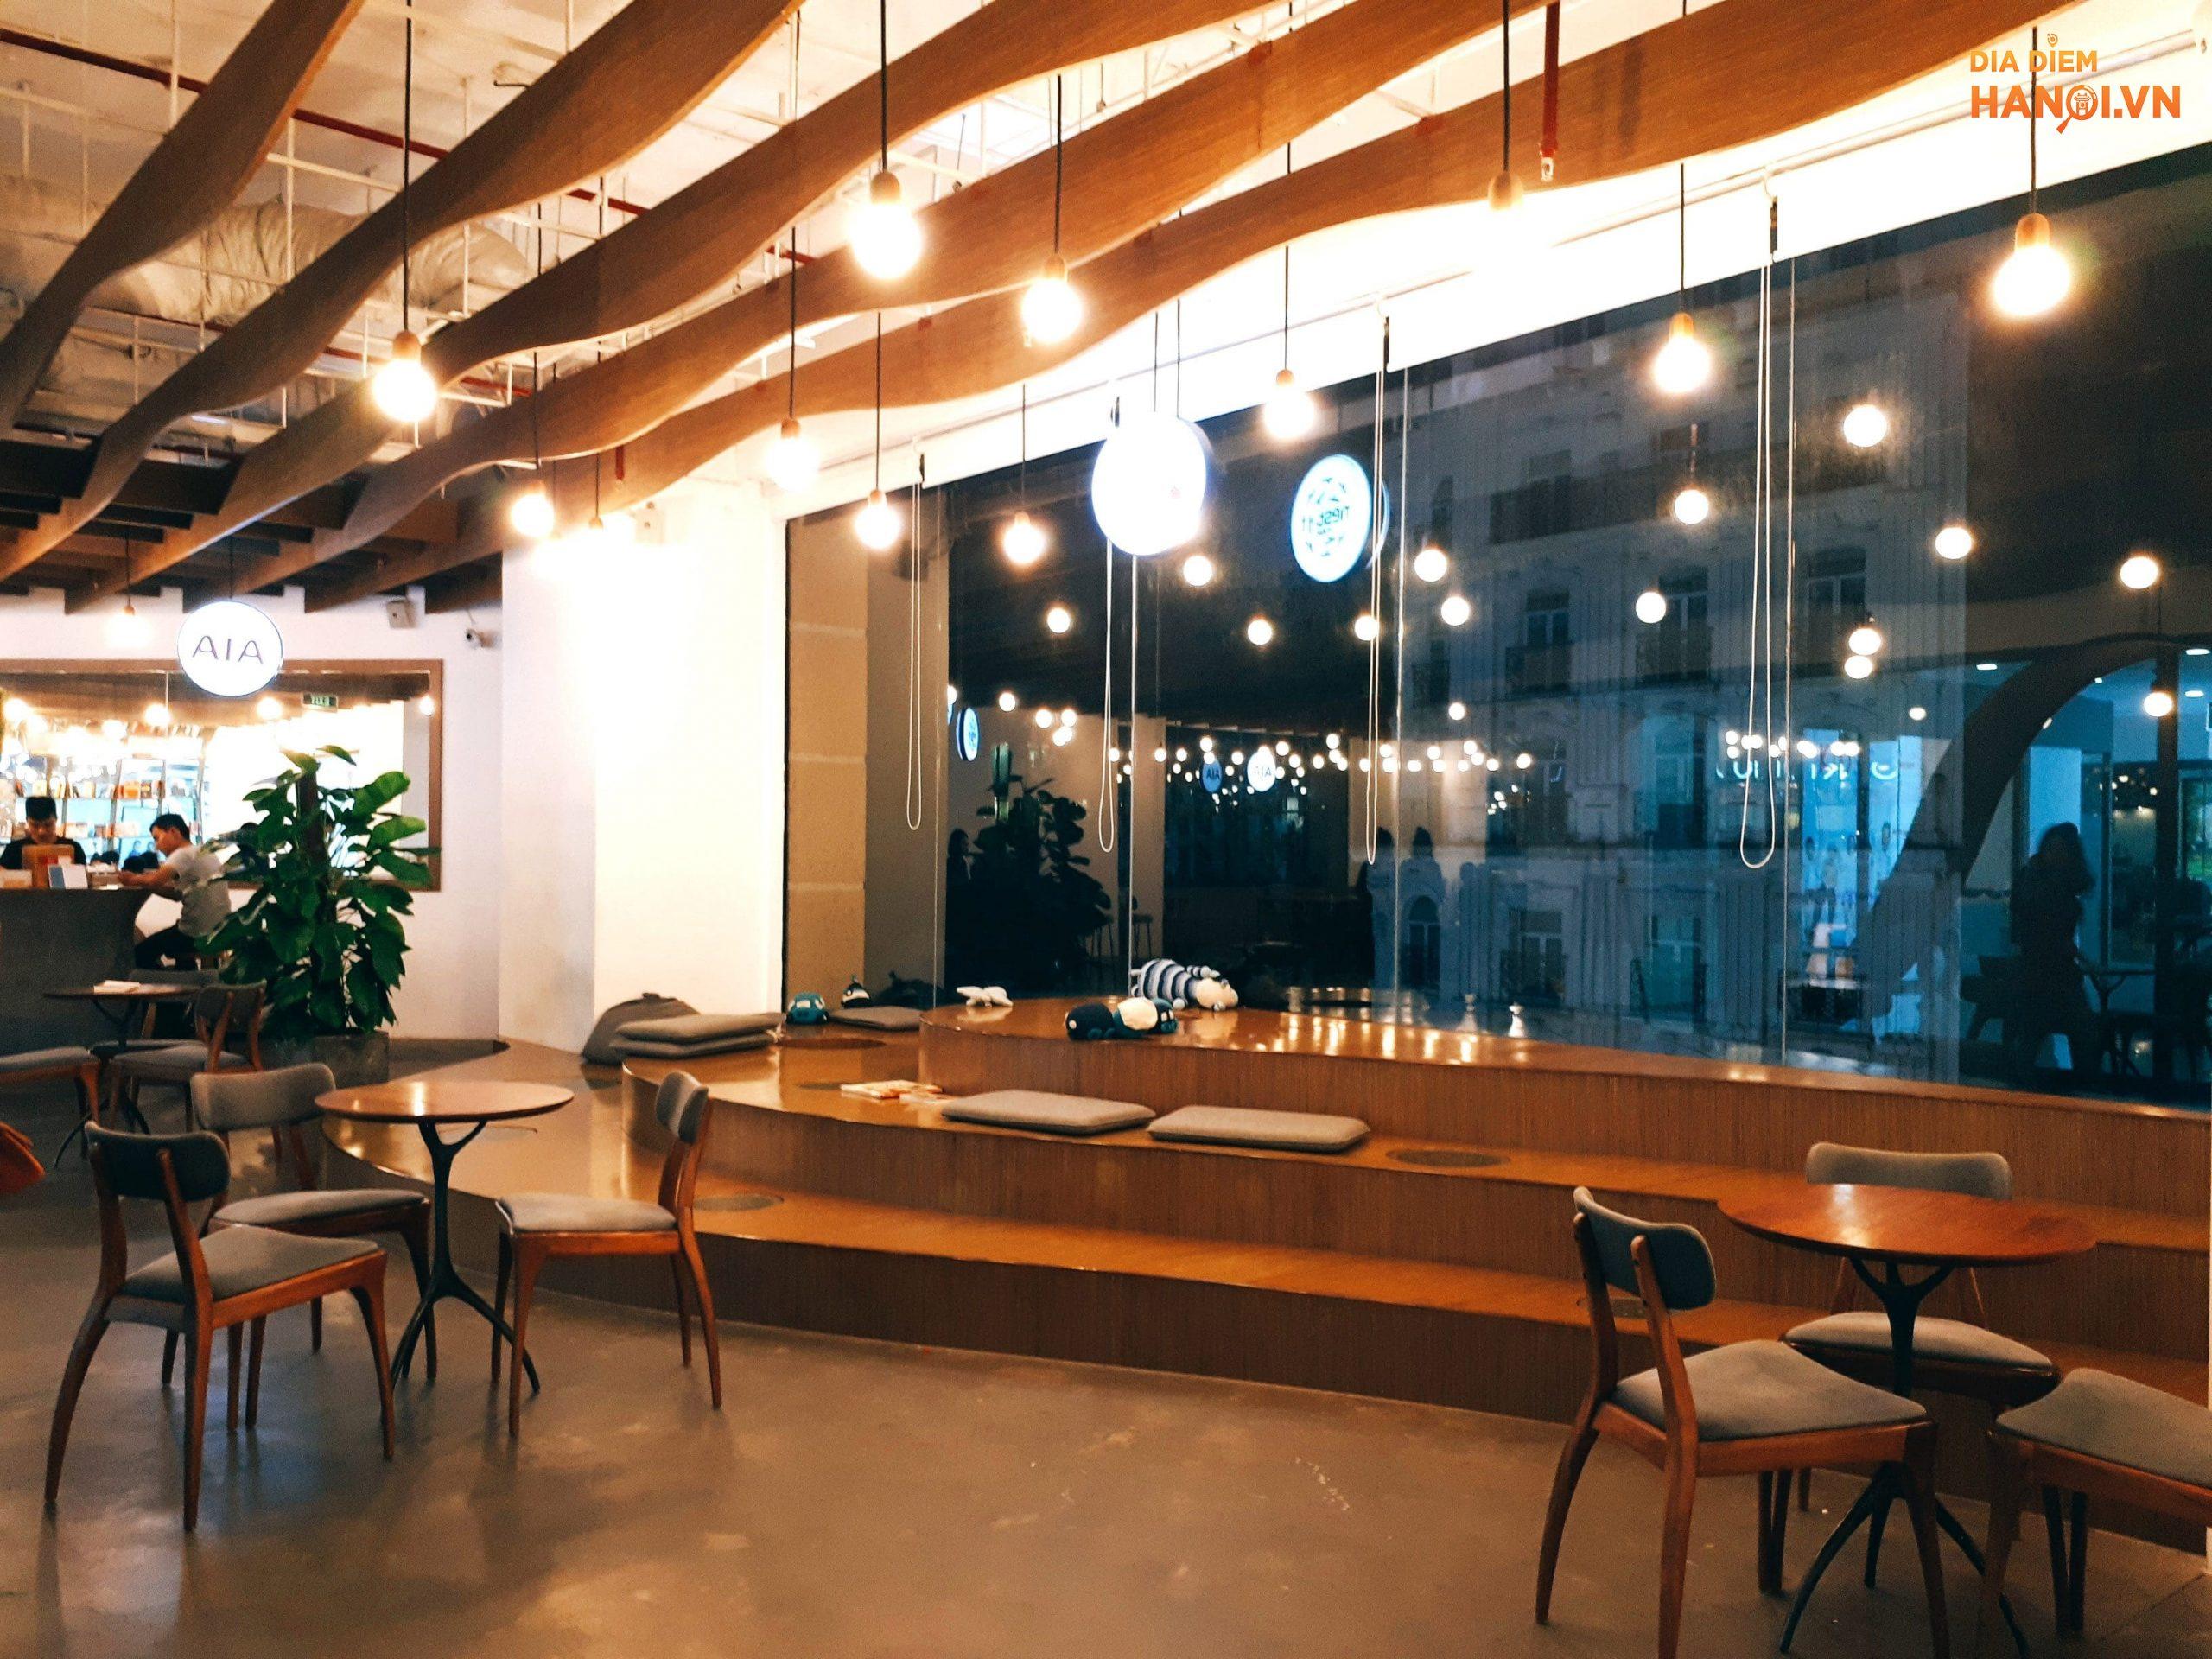 Work Cafe Hanoi